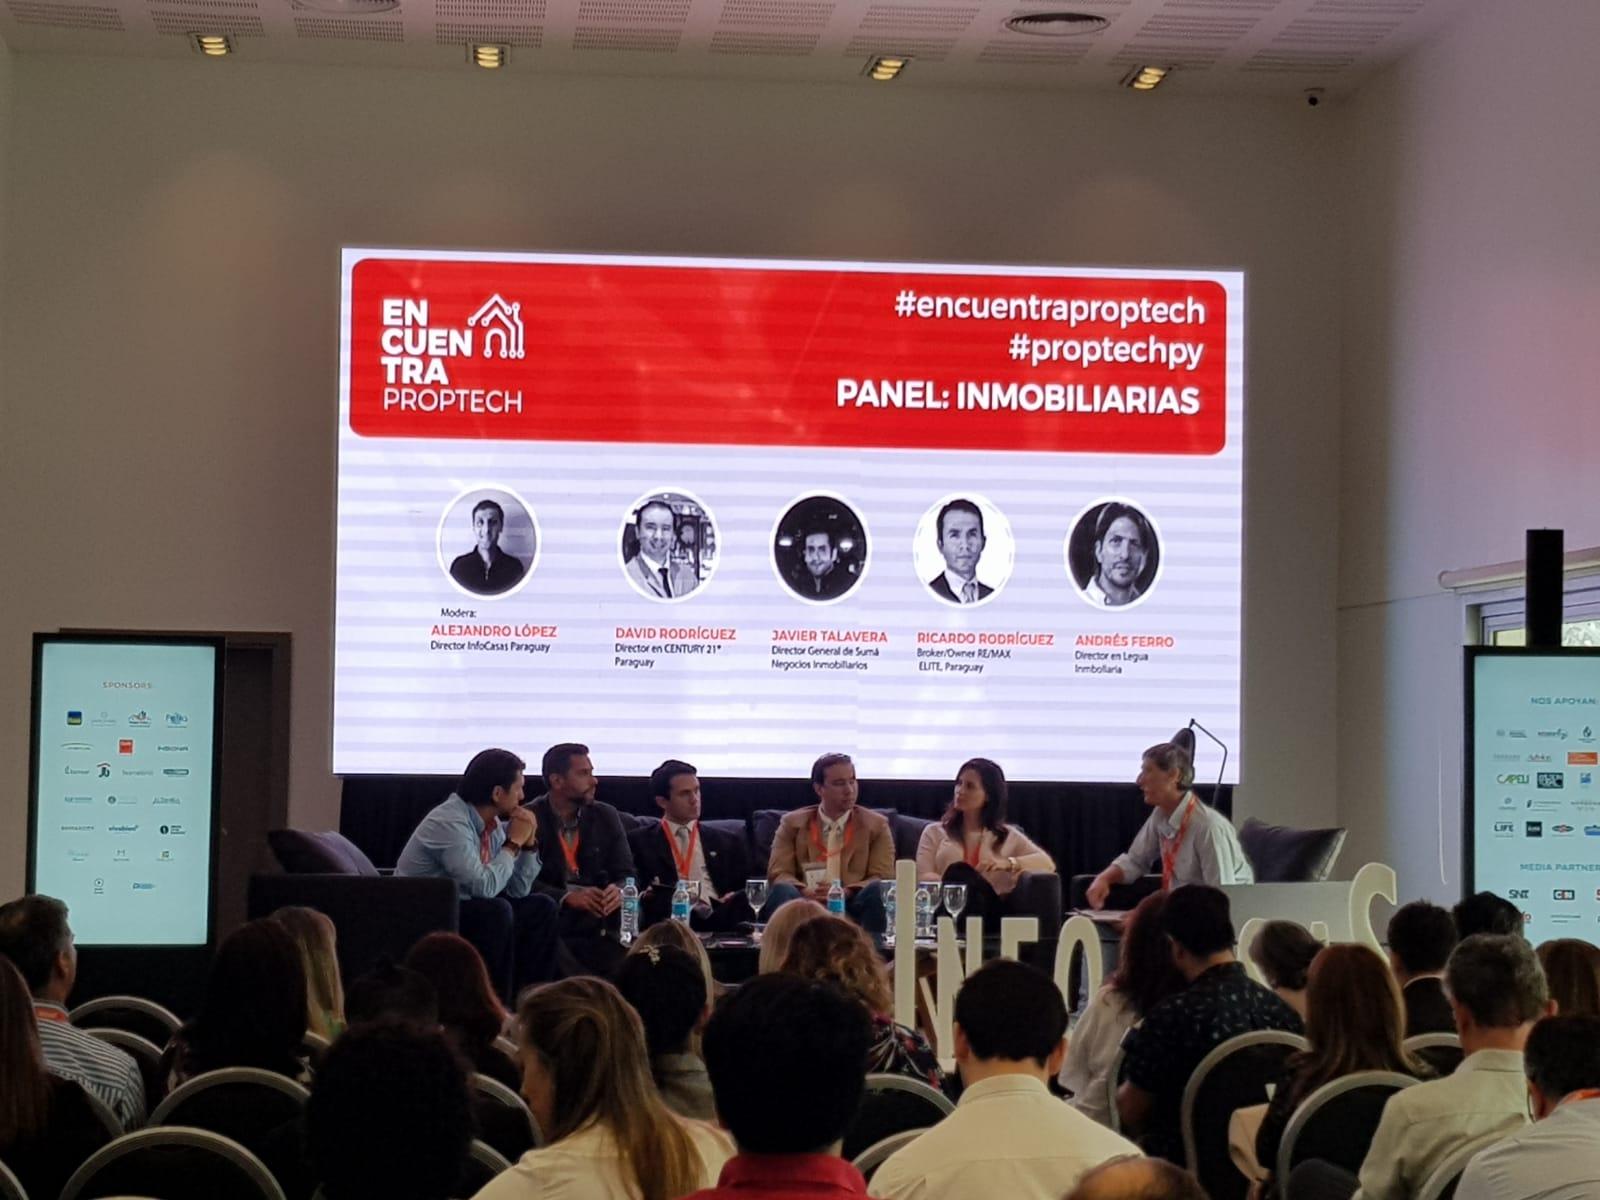 El Encuentra PropTech fue la cita del año para el Real Estate en Asunción